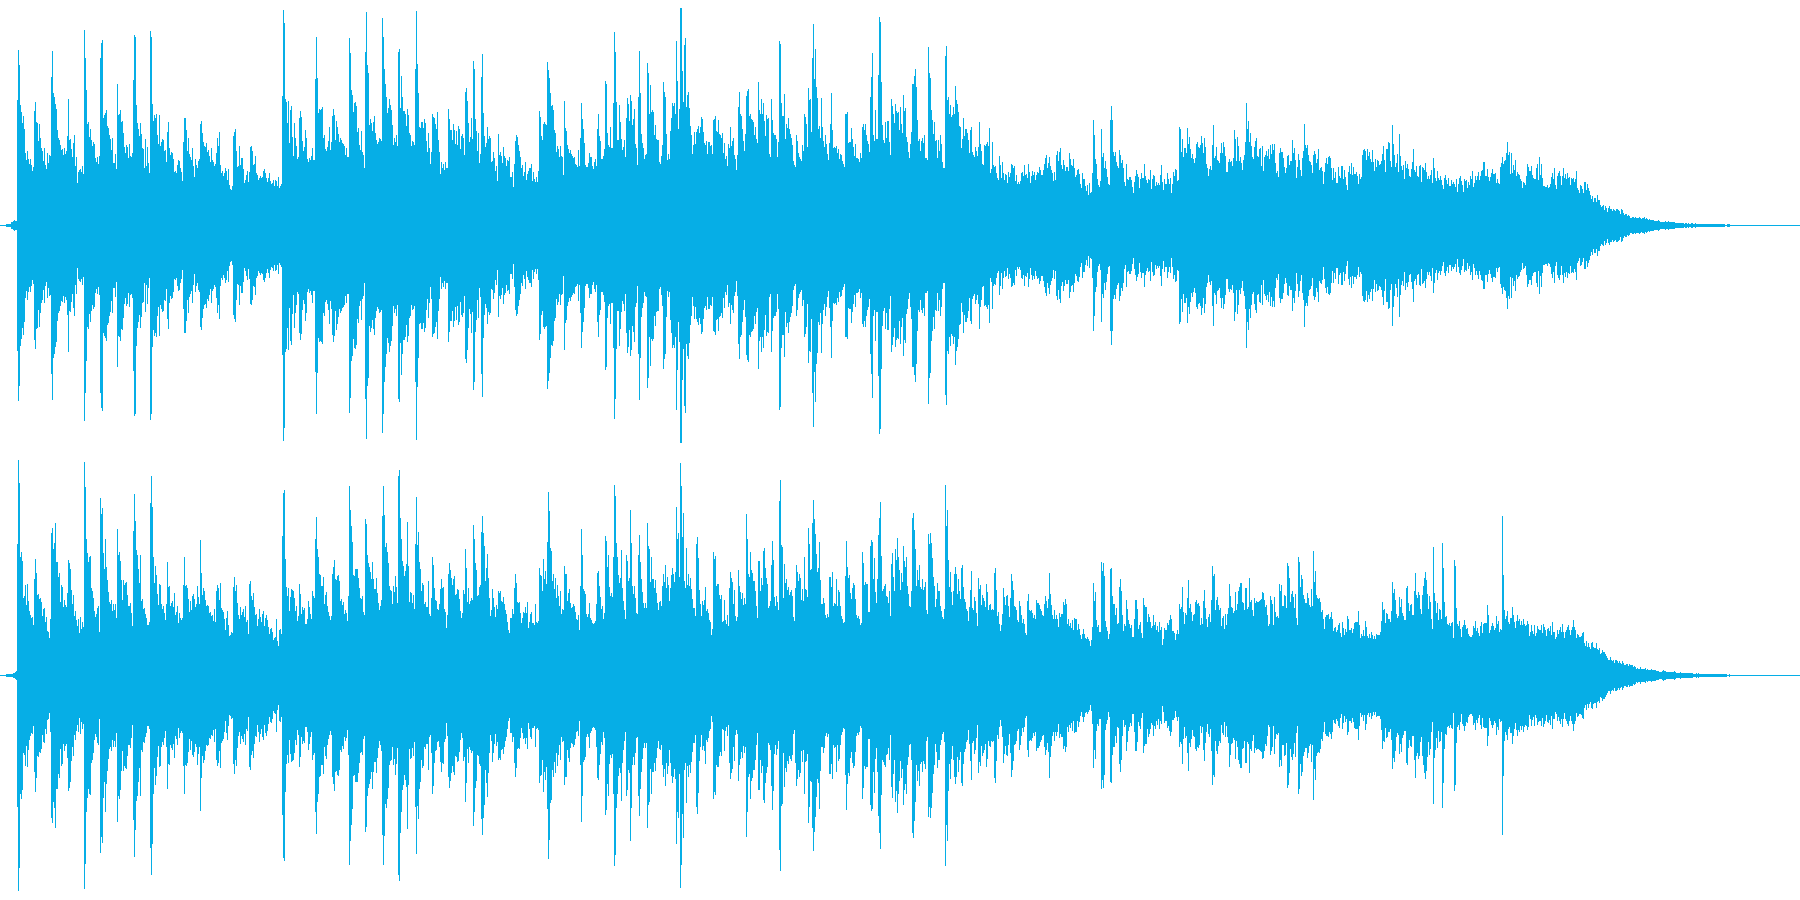 ふんわりシンセとピアノの優しいバラードの再生済みの波形